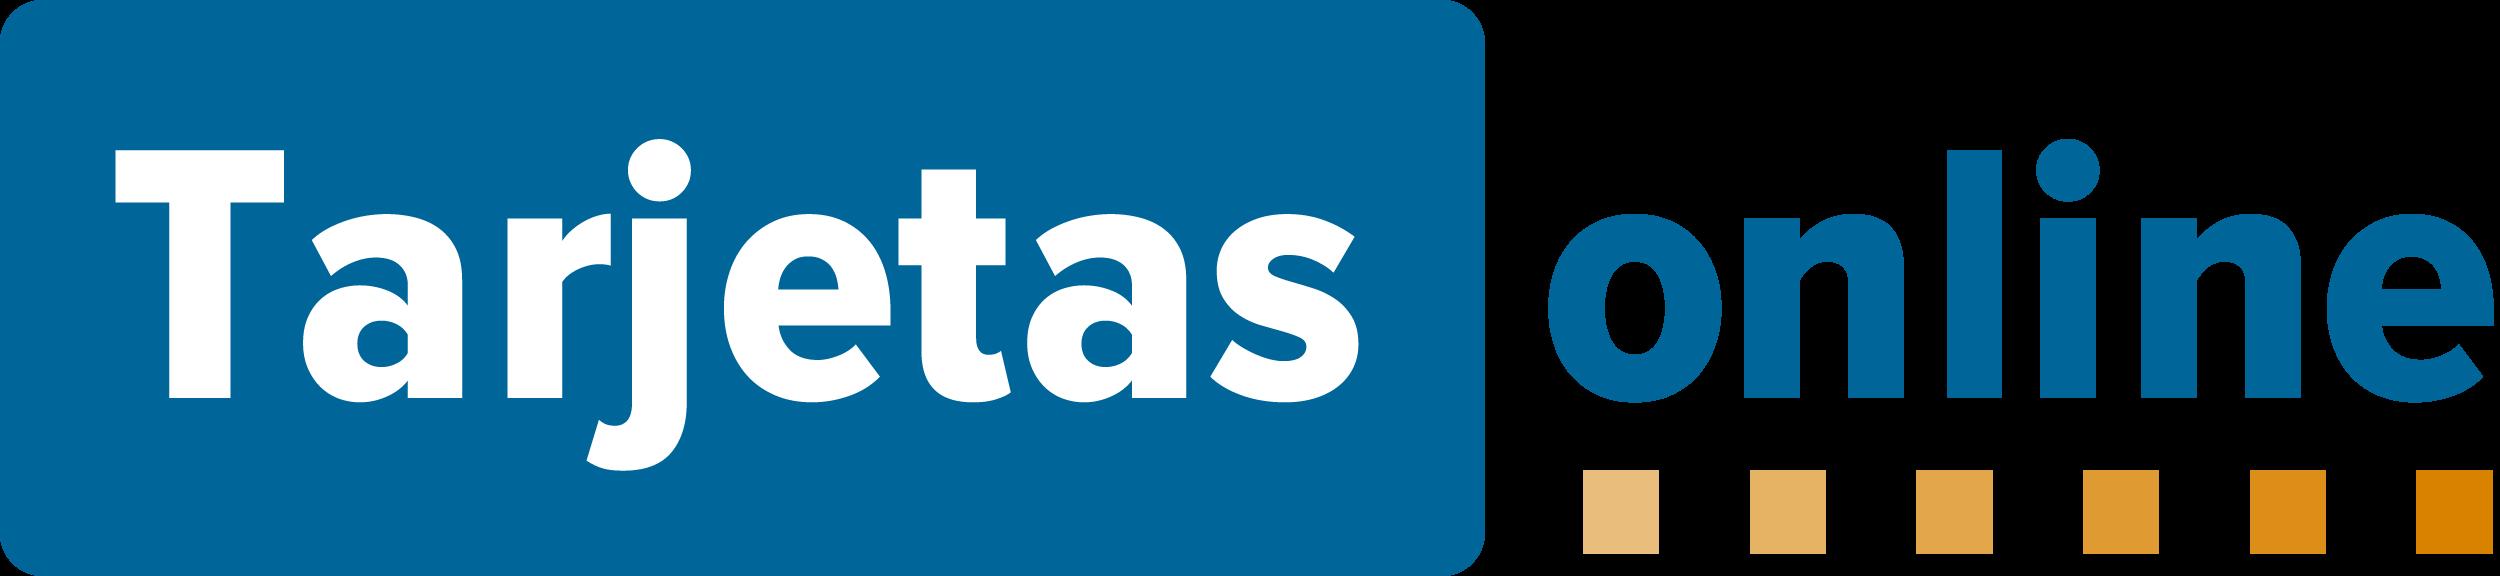 Logo_tarjetas_online-1